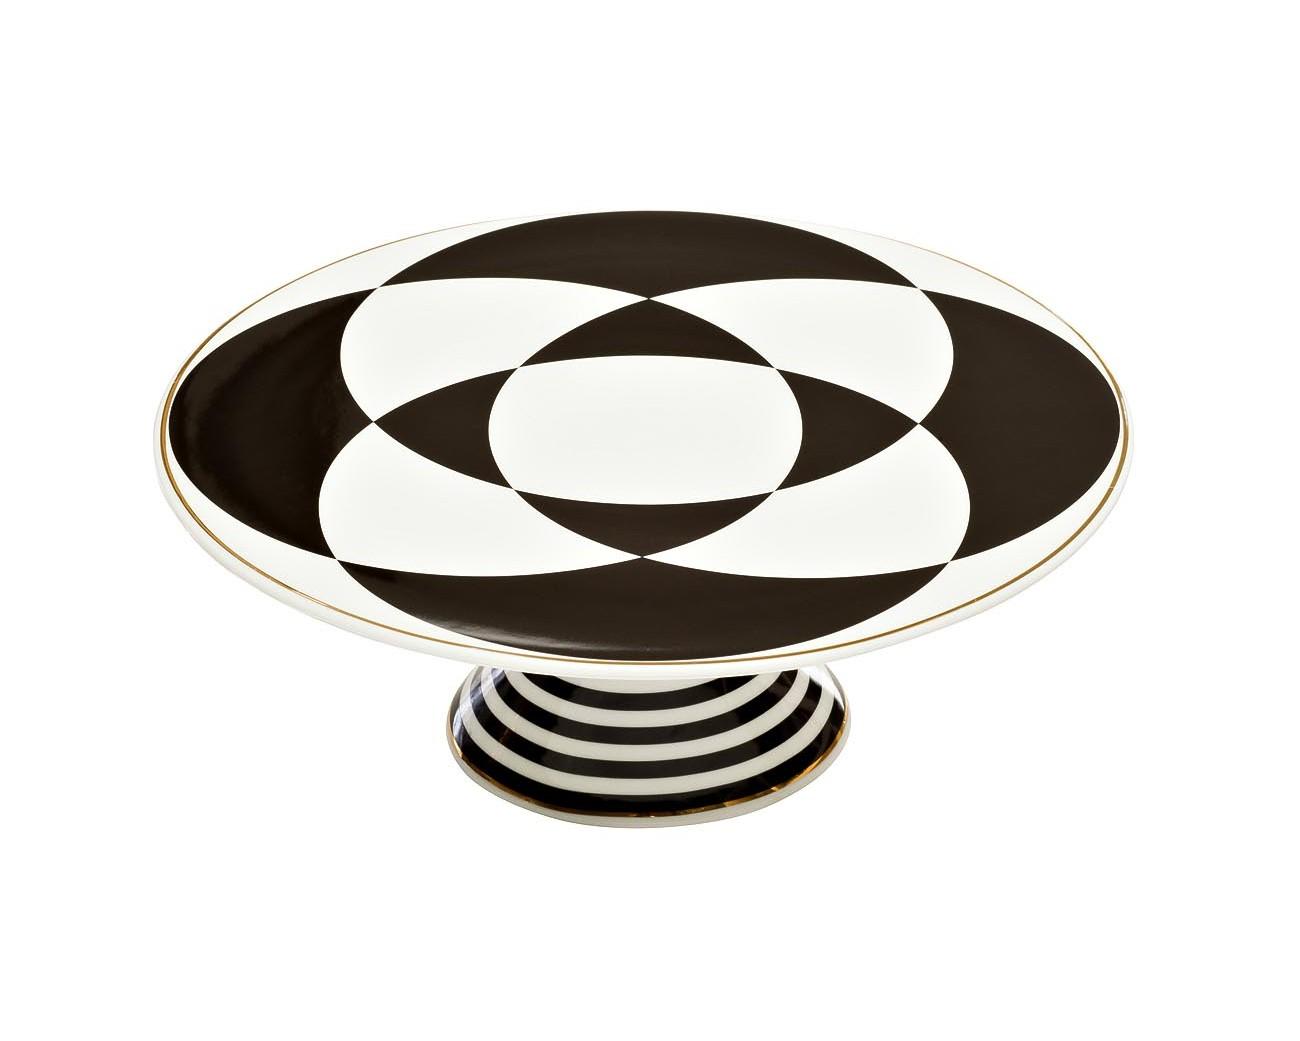 Подставка для тортаПодставки и доски<br><br><br>Material: Фарфор